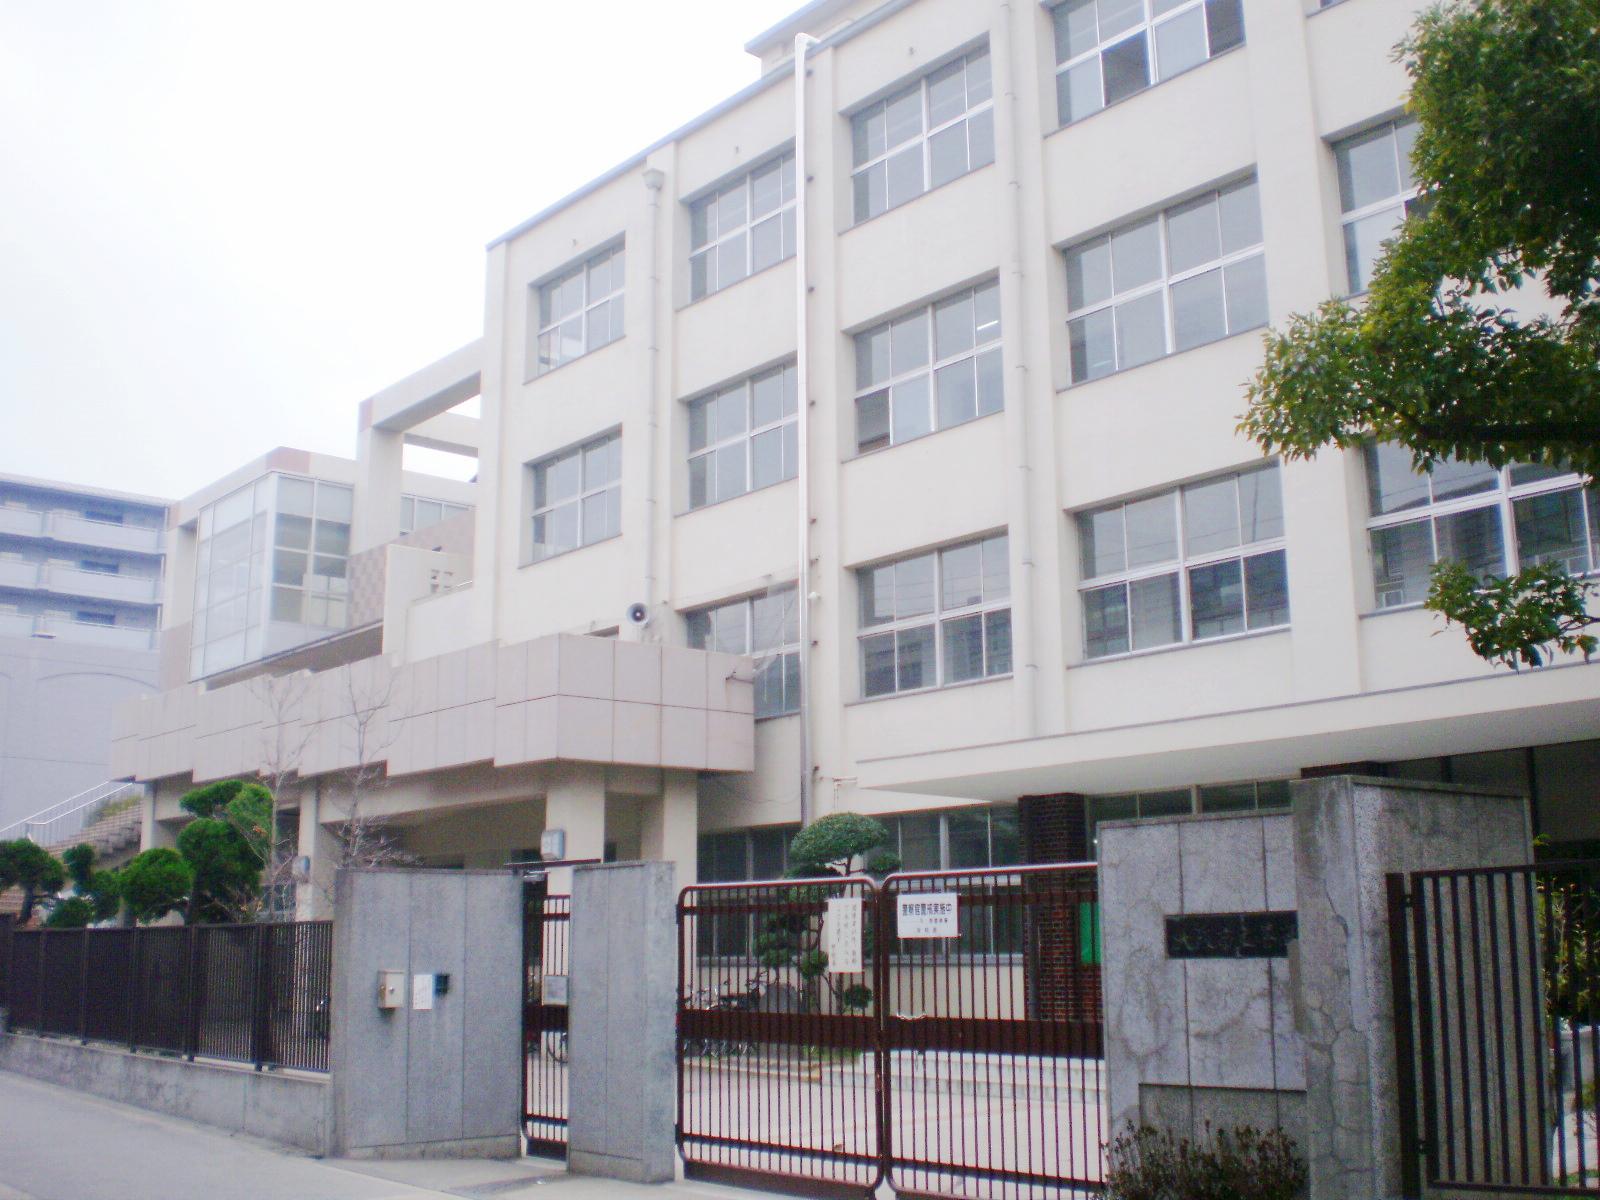 中学校 大阪市立喜連中学校(中学校)まで1134m